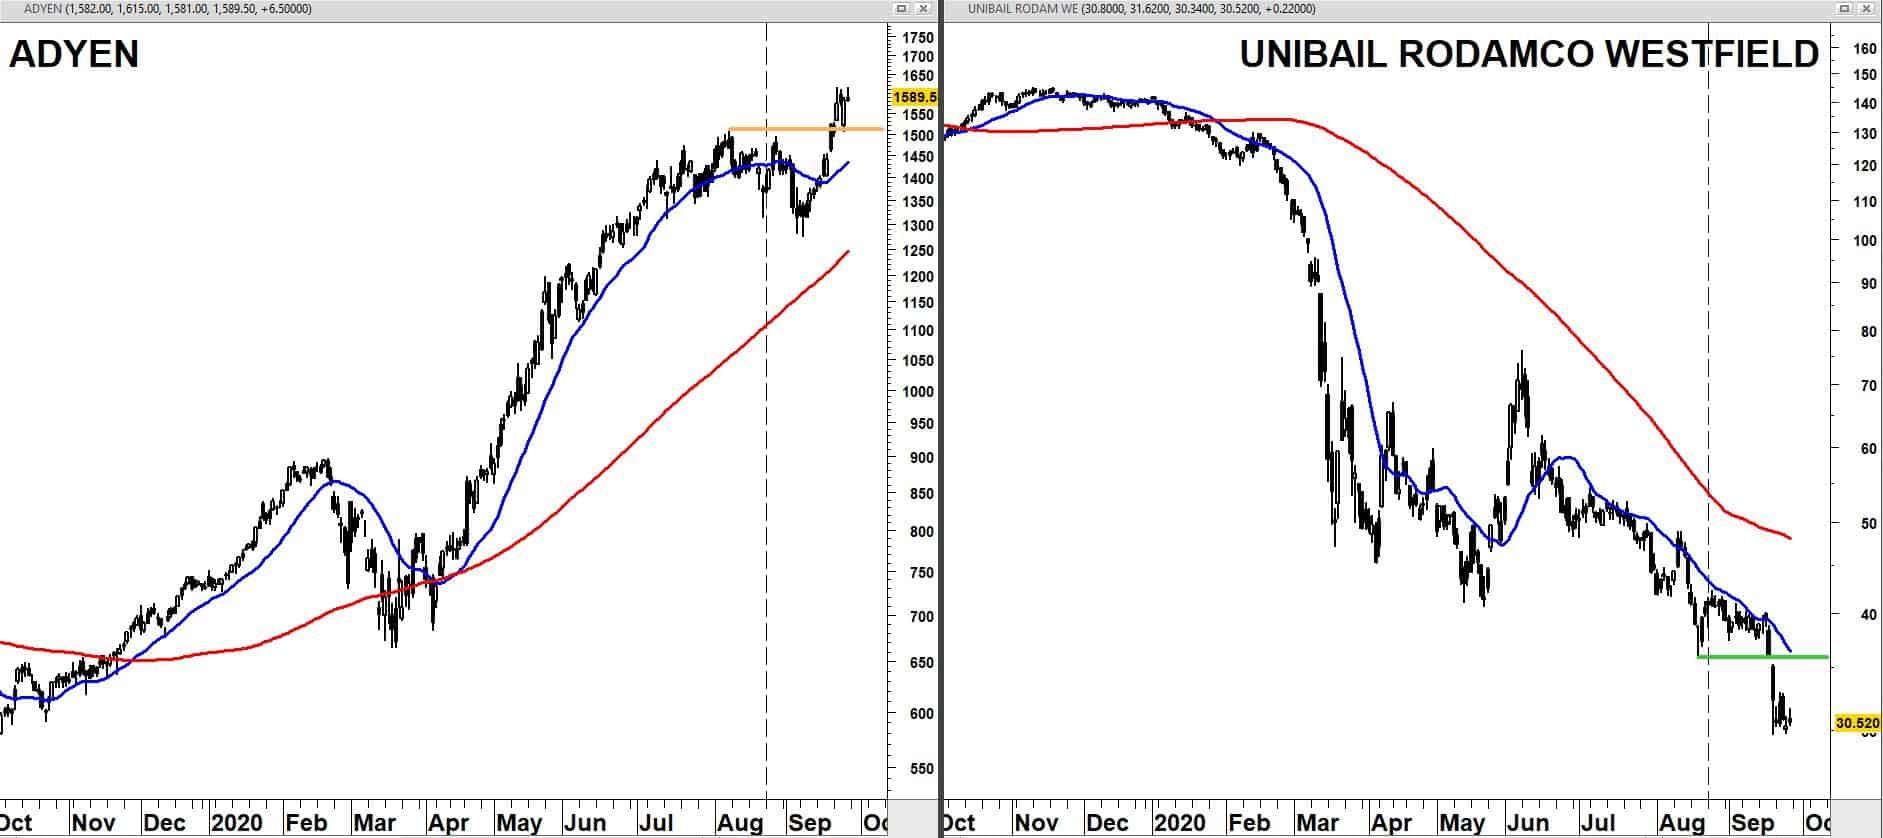 ADYEN + 20/120 daags gemiddelden versus Unibail met 20/120-daags gemiddelden